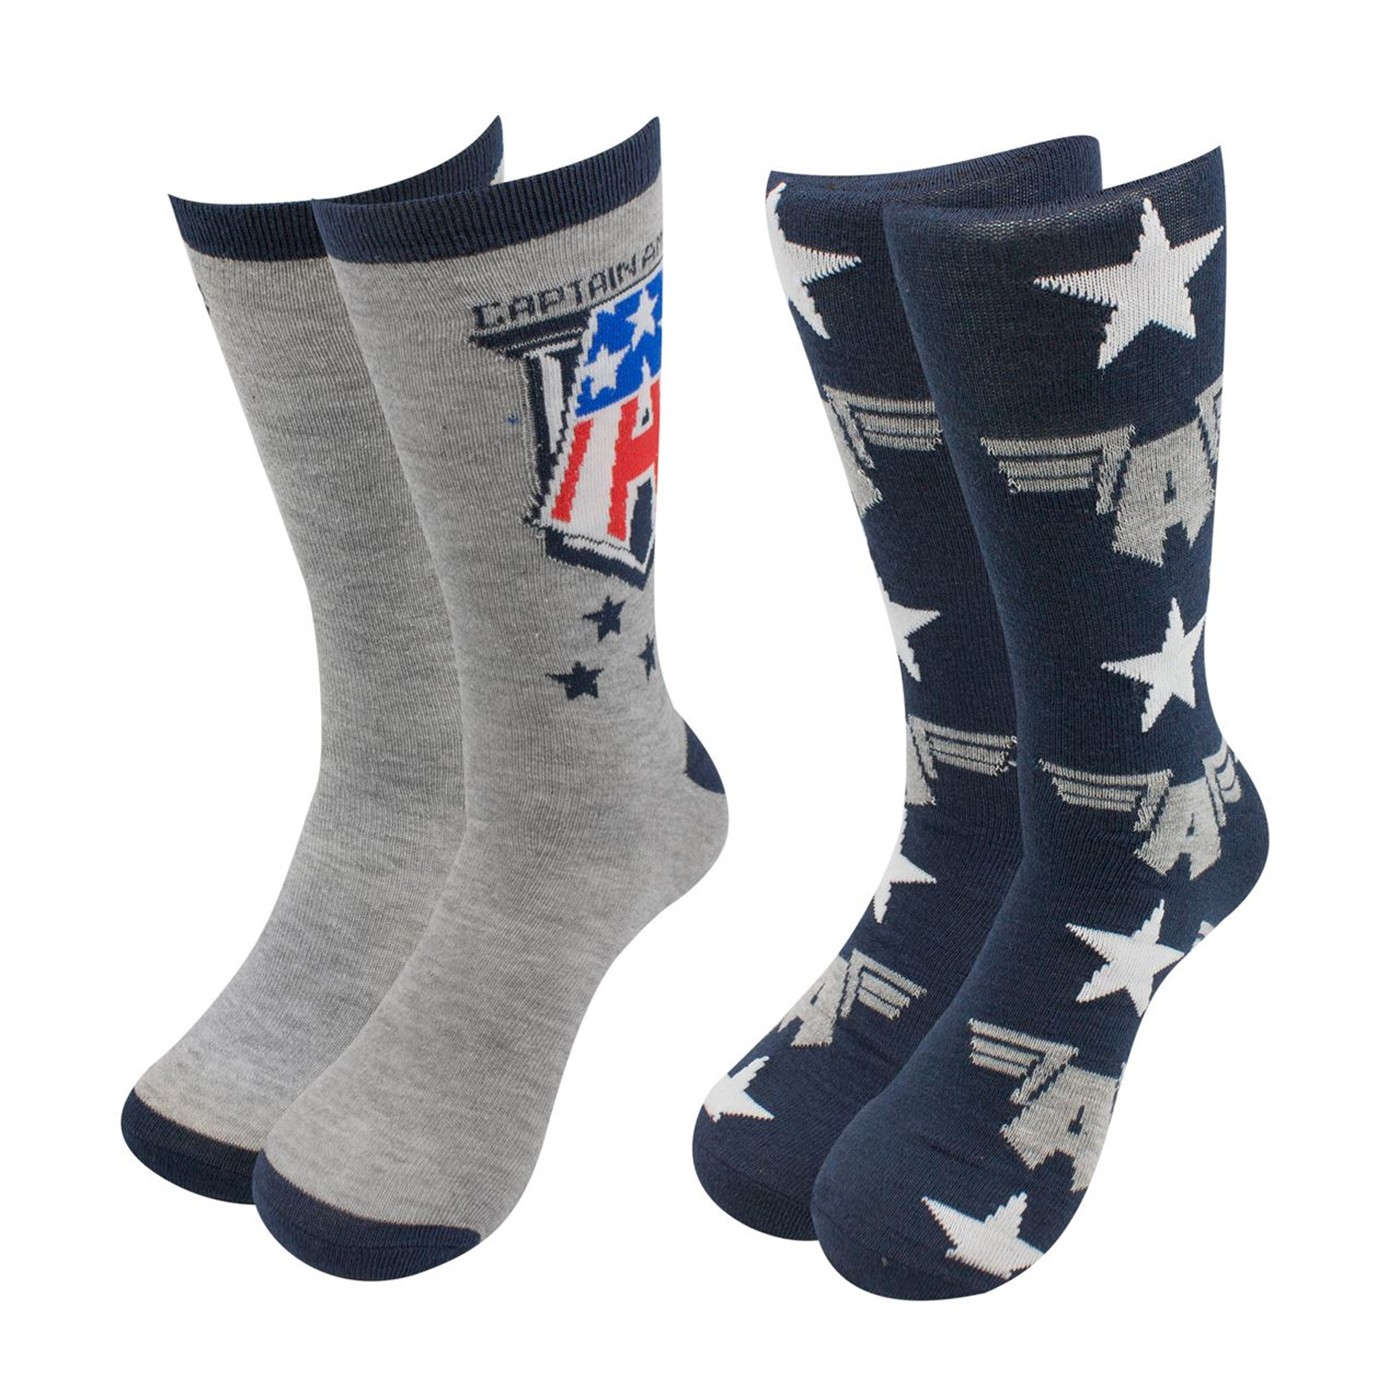 Captain America sock 2-pack